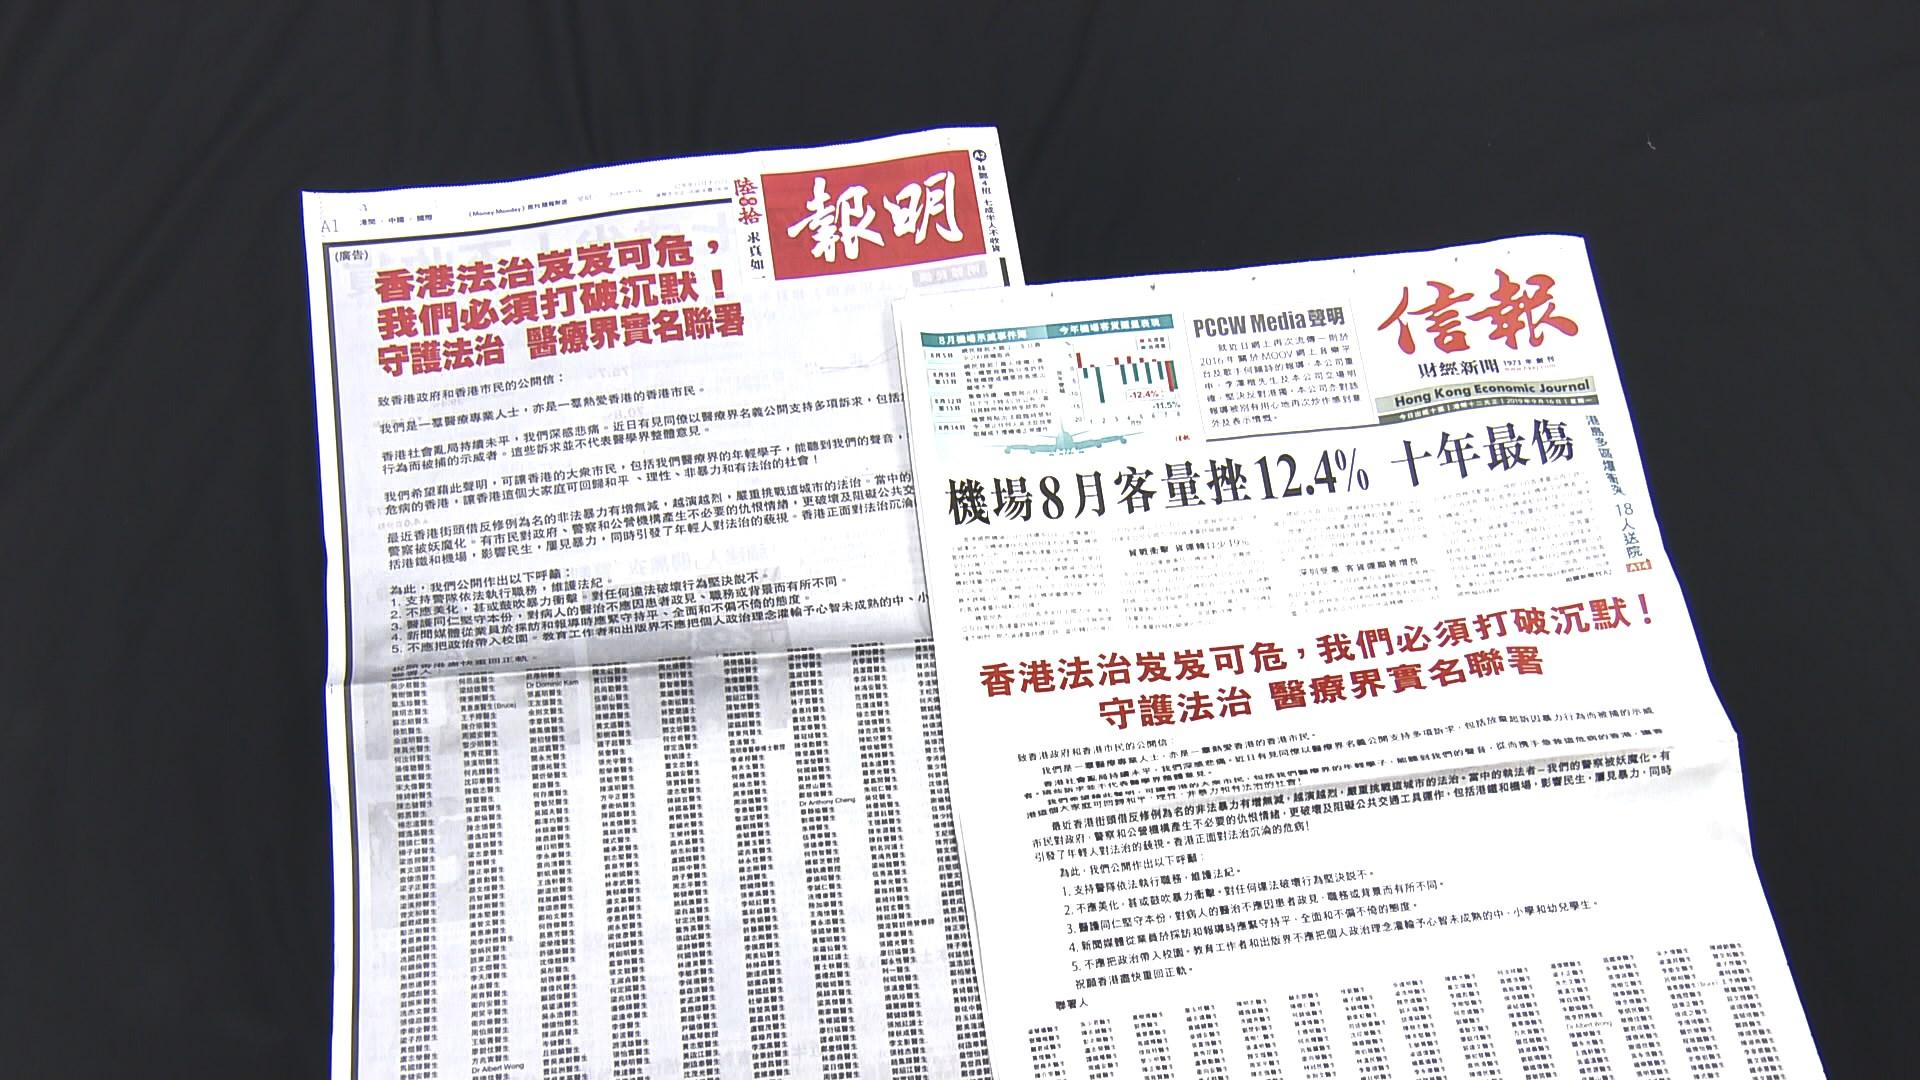 超過500名醫護登報支持警方依法執行職務